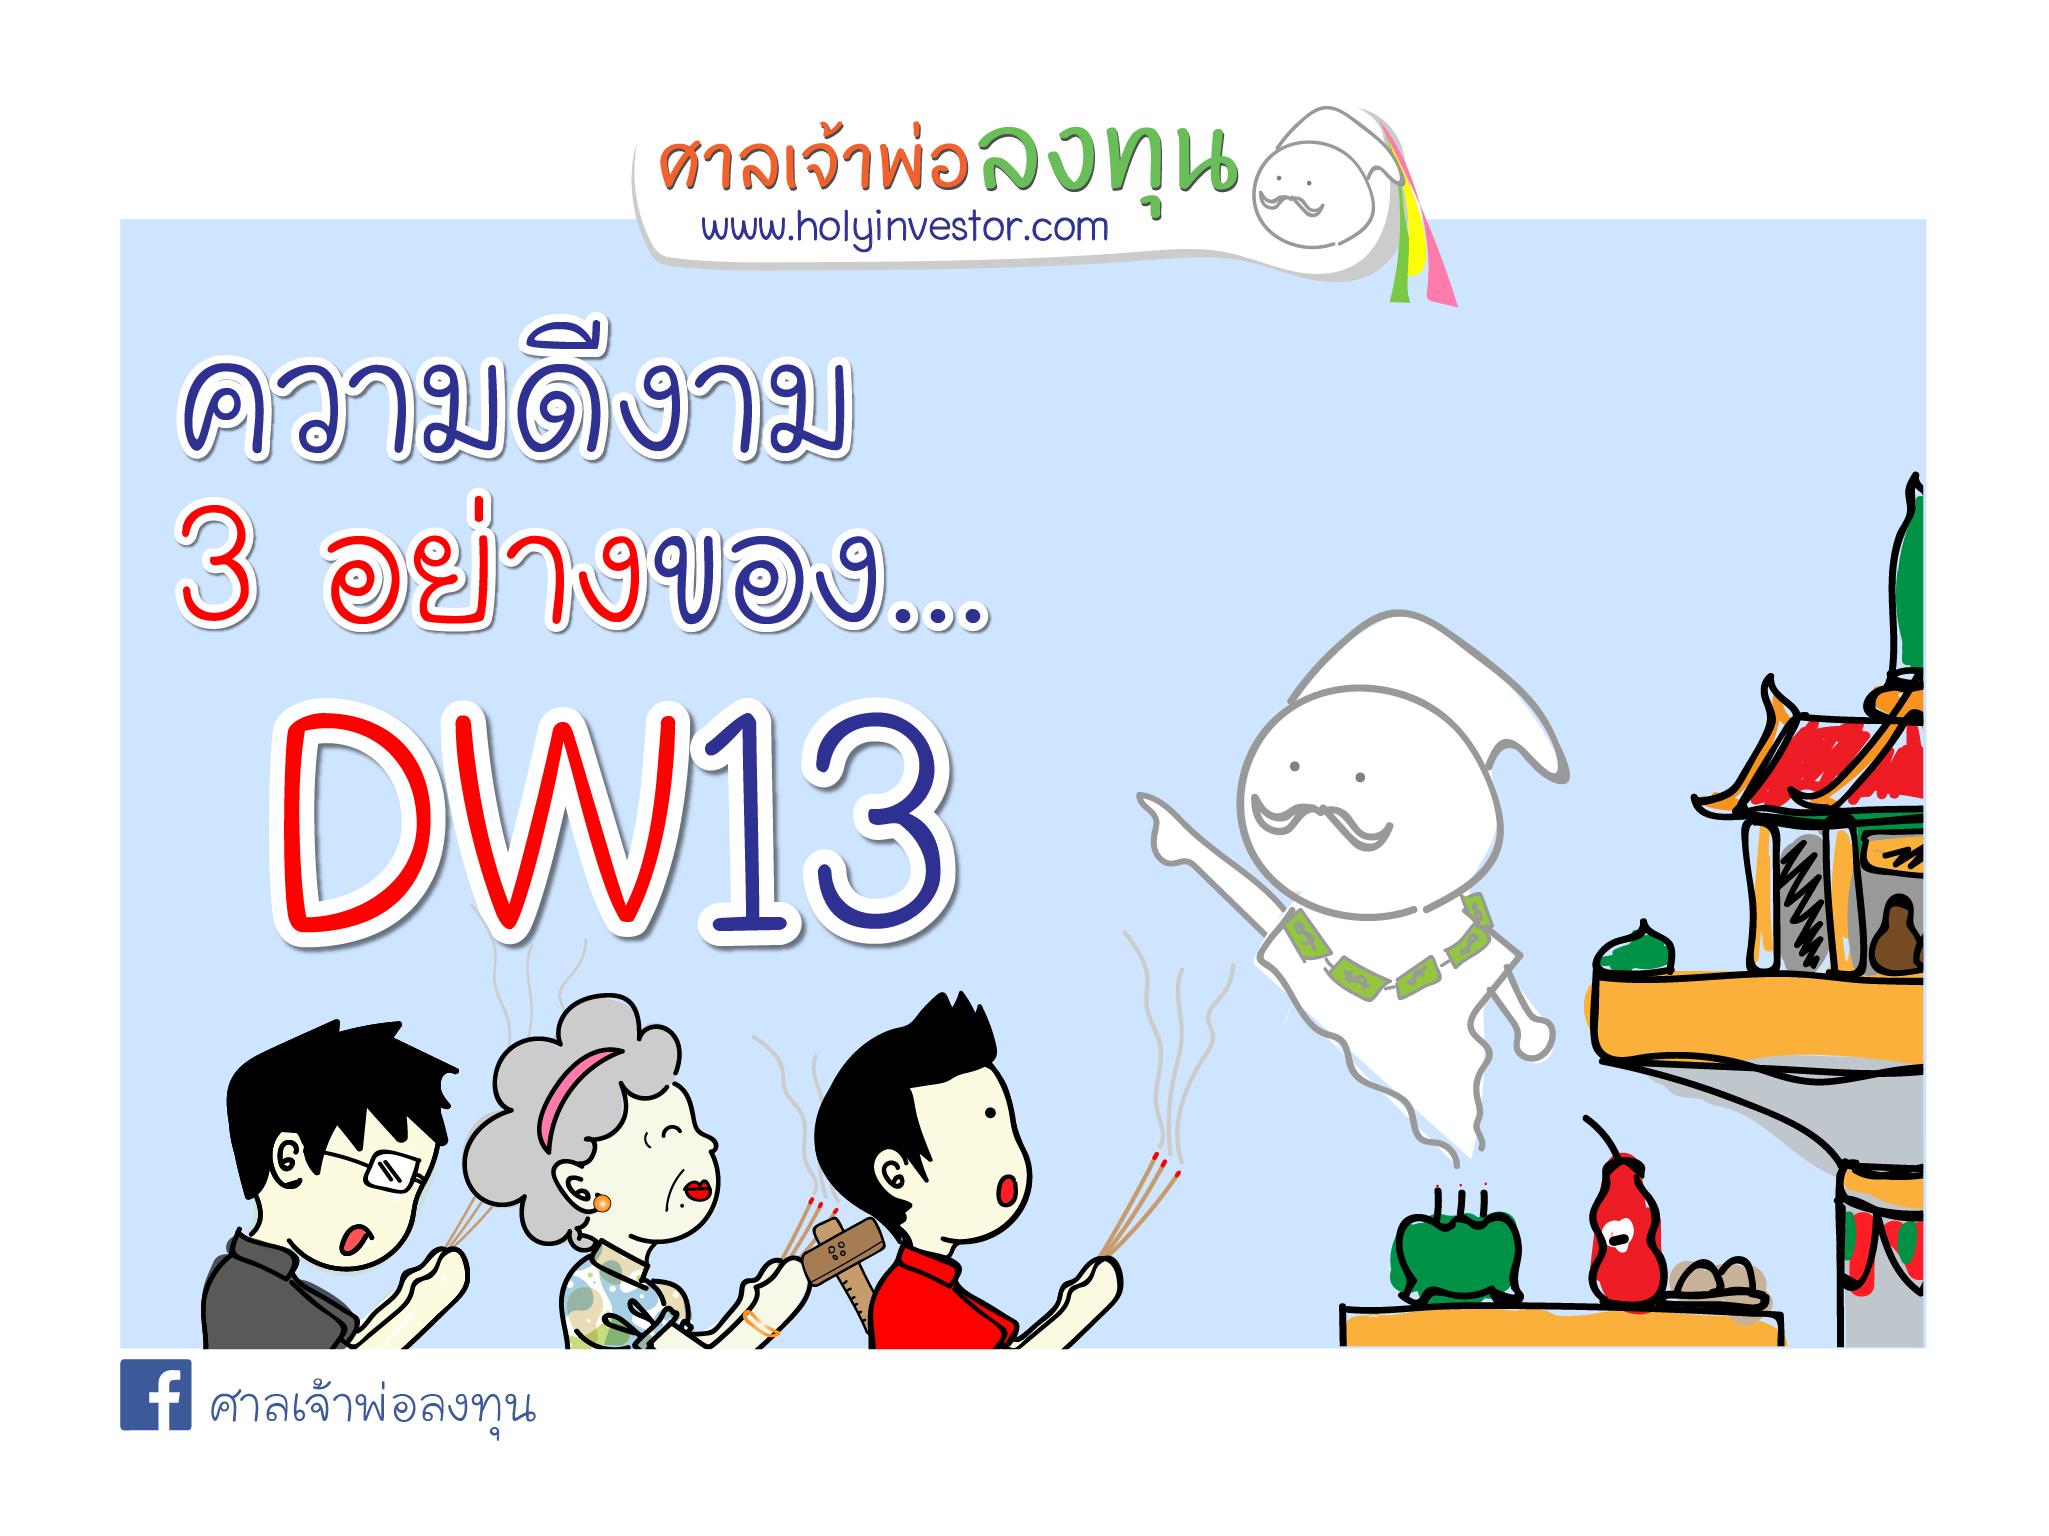 ความดีงาม 3 อย่างของ DW13_Artboard 1 copy 0